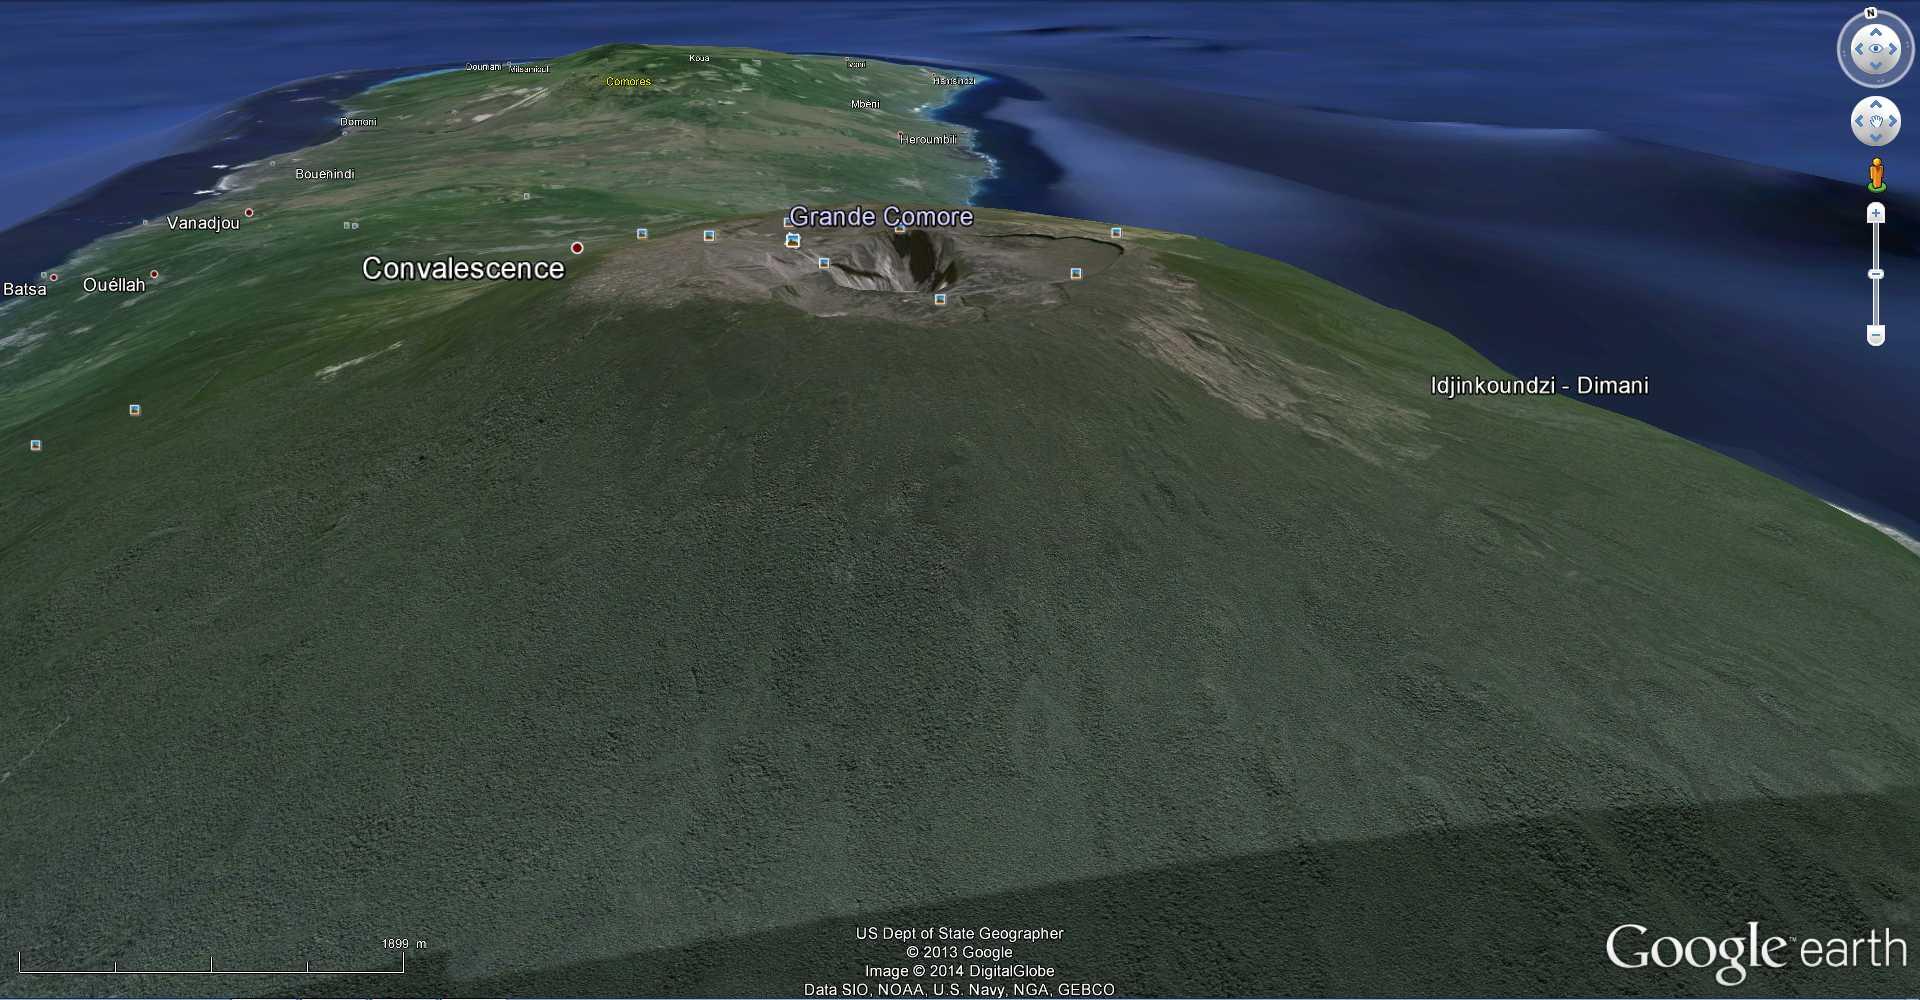 Les dessous de Google Earth avec le volcan Karthala - Comores 2014-107